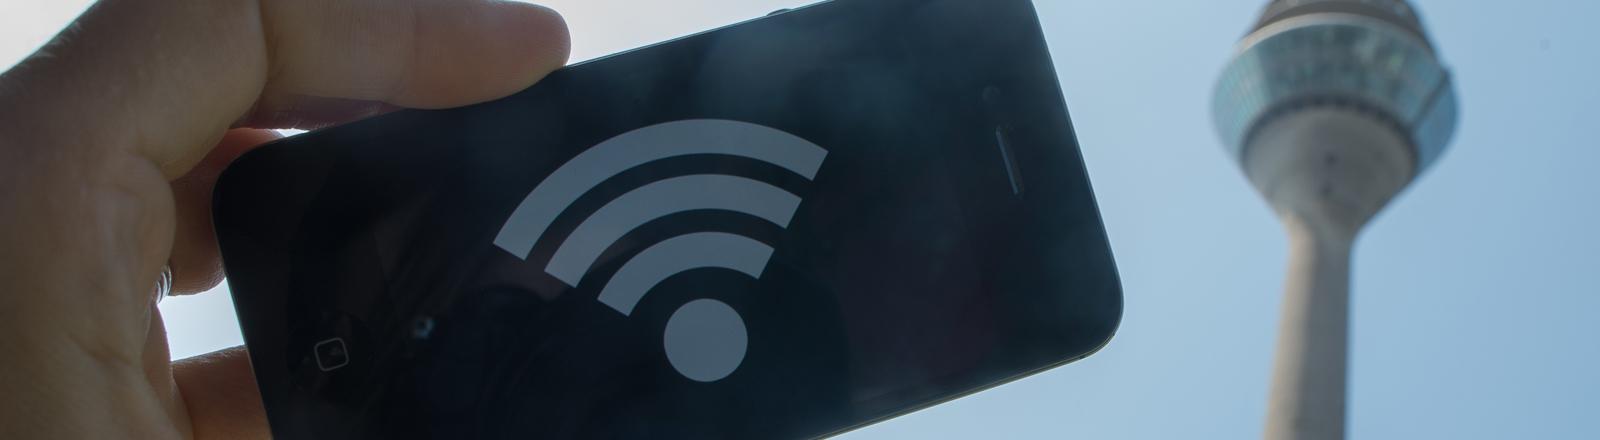 Ein WLAN-Symbol ist am 16.07.2015 in Düsseldorf (Nordrhein-Westfalen) vor dem Rheinturm auf einem Smartphone zu sehen.